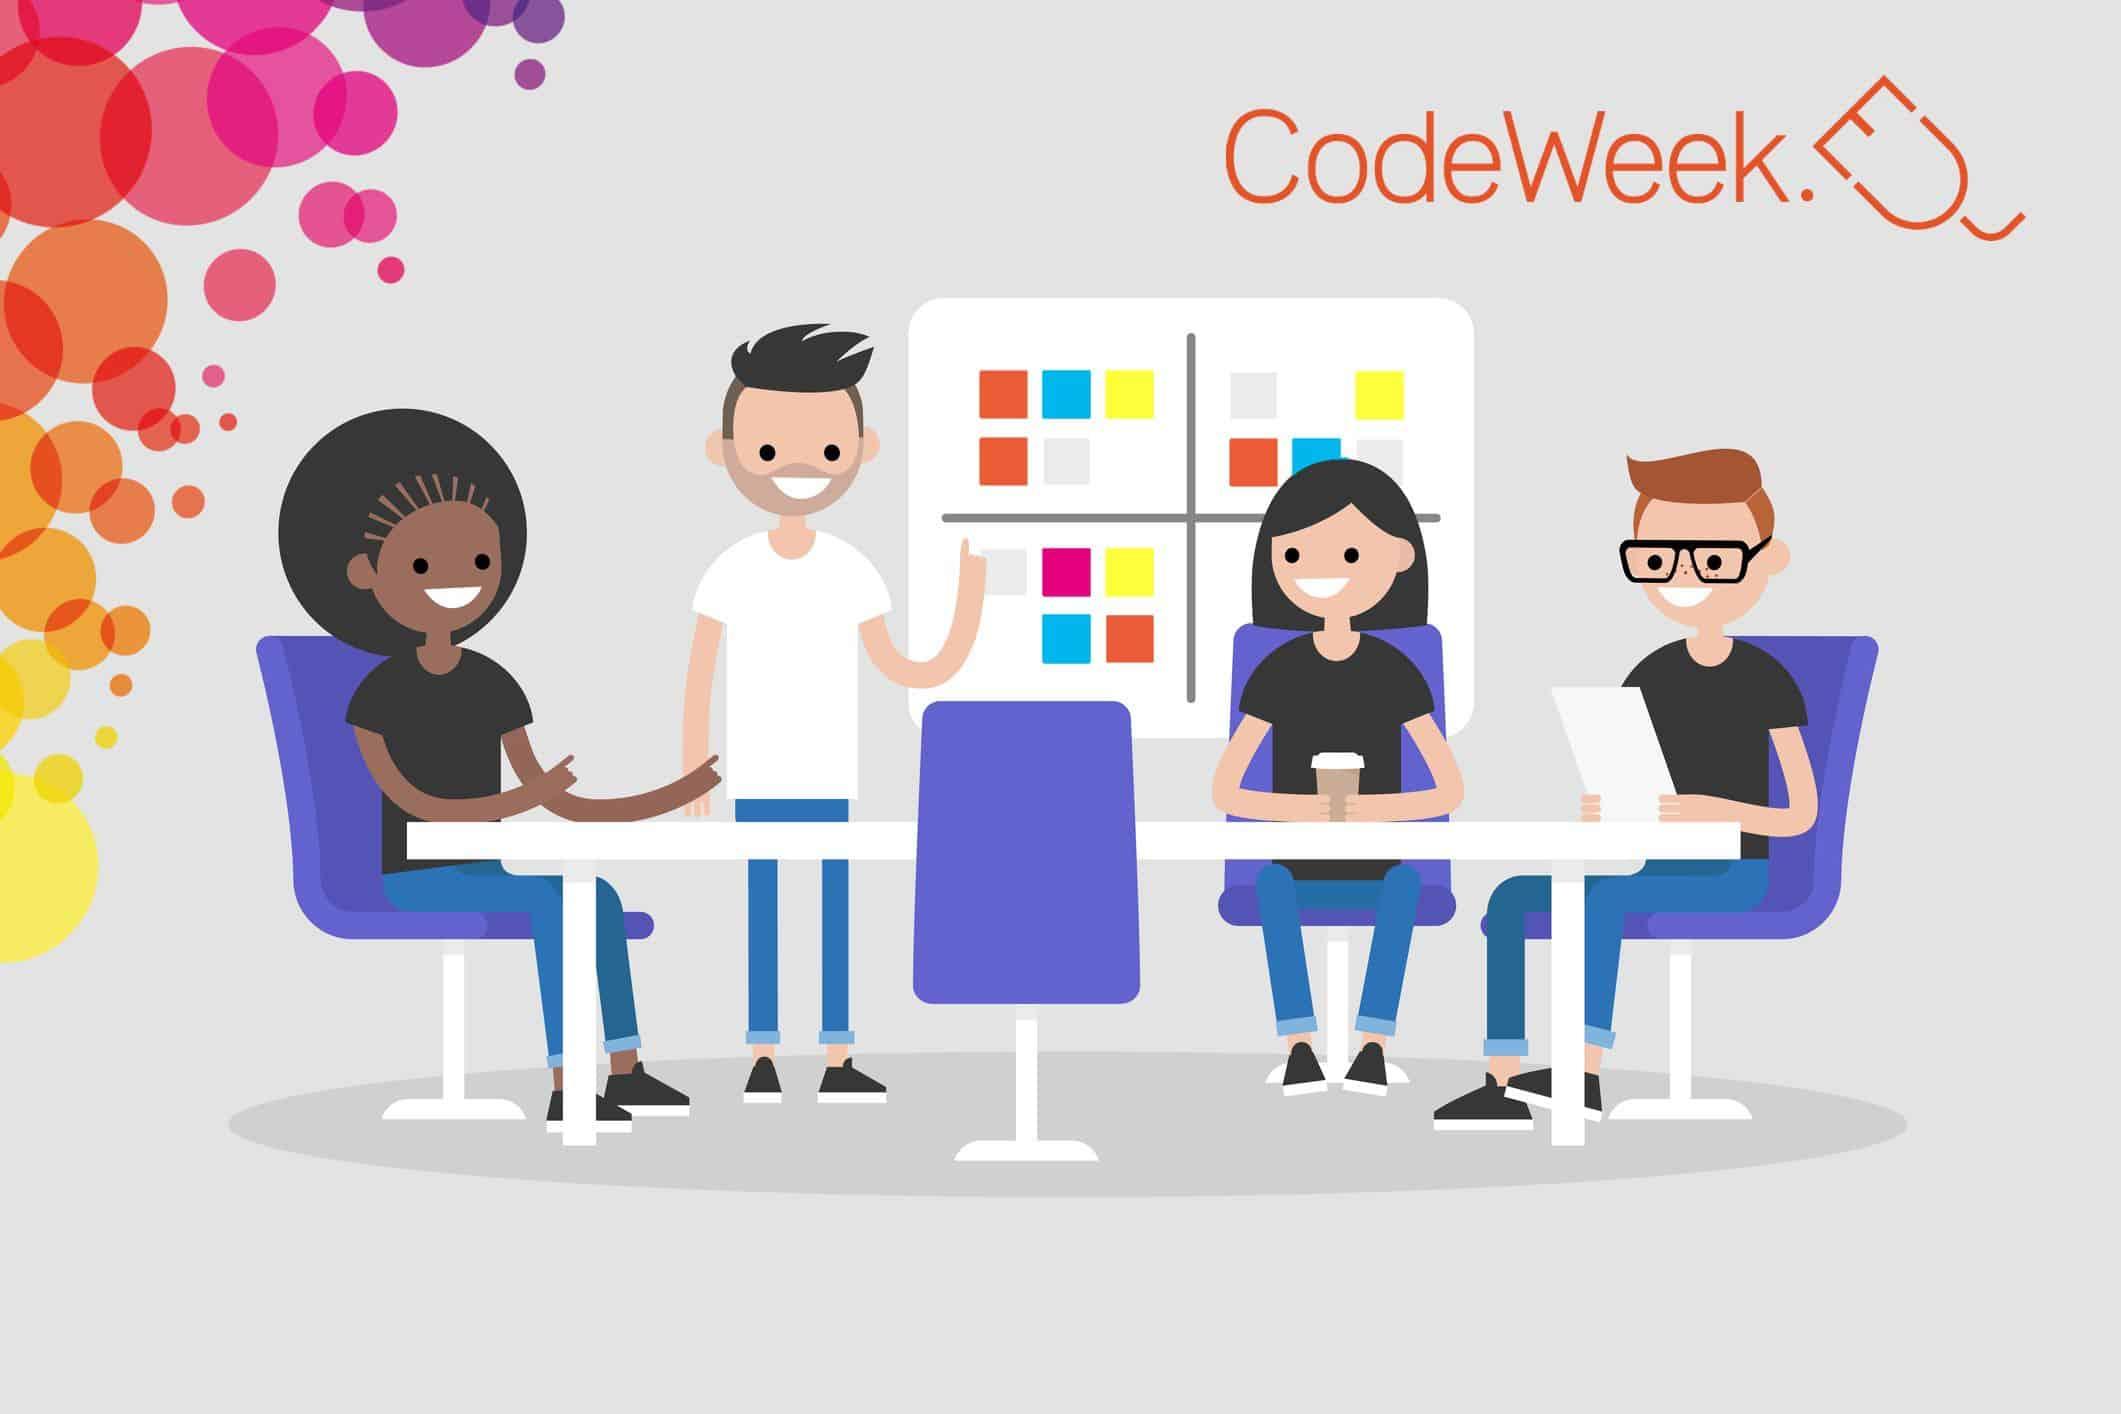 code_week_jpg_45959.jpg